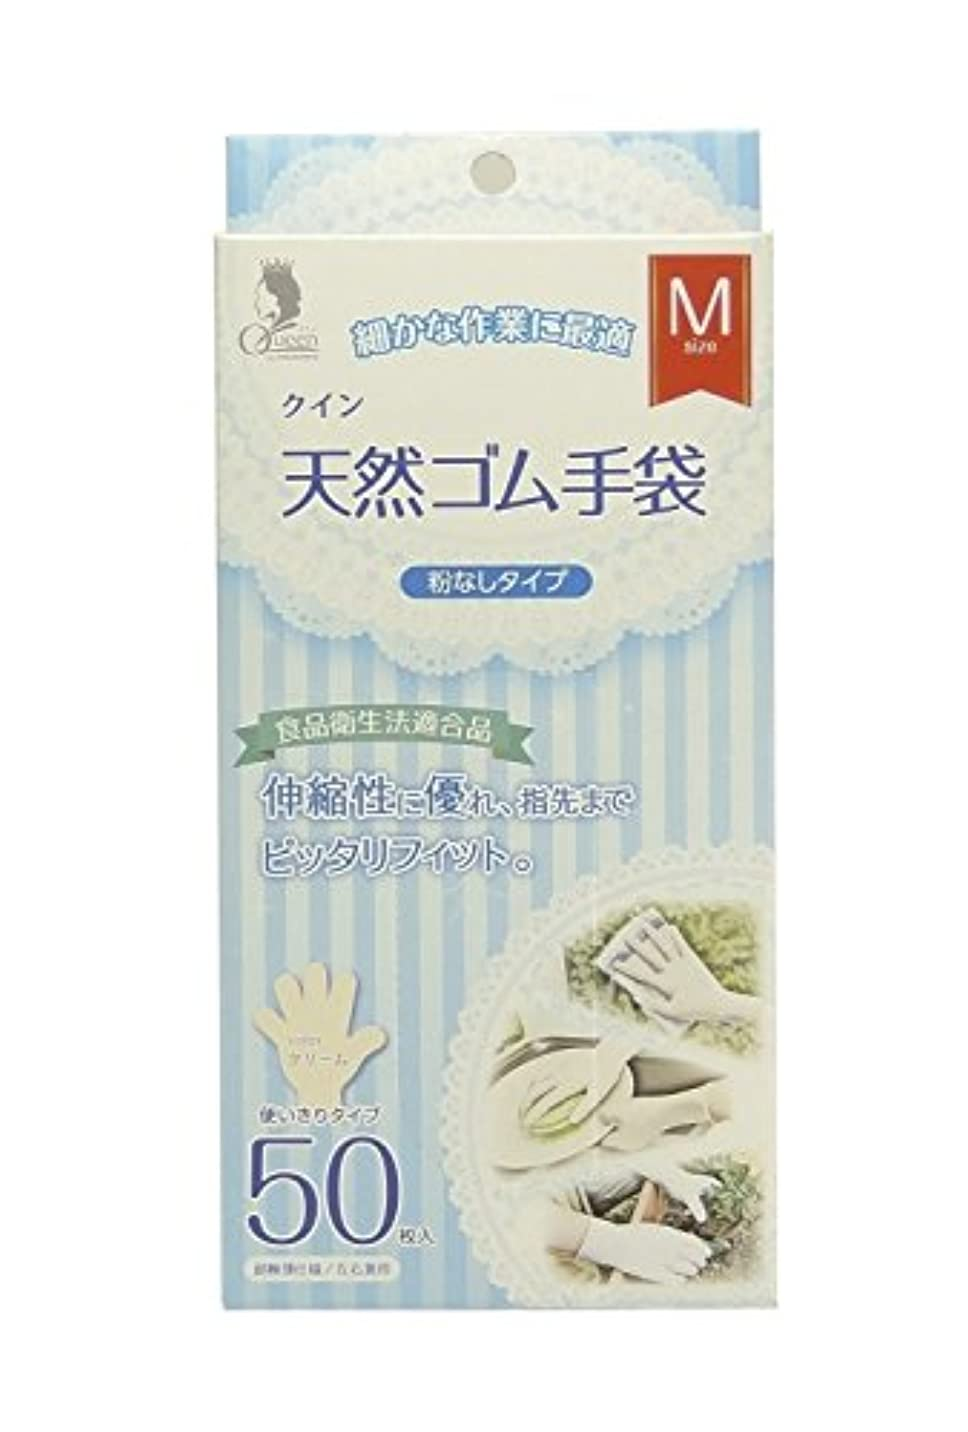 失敗空港雑種宇都宮製作 クイン 天然ゴム手袋(パウダーフリー) M 50枚